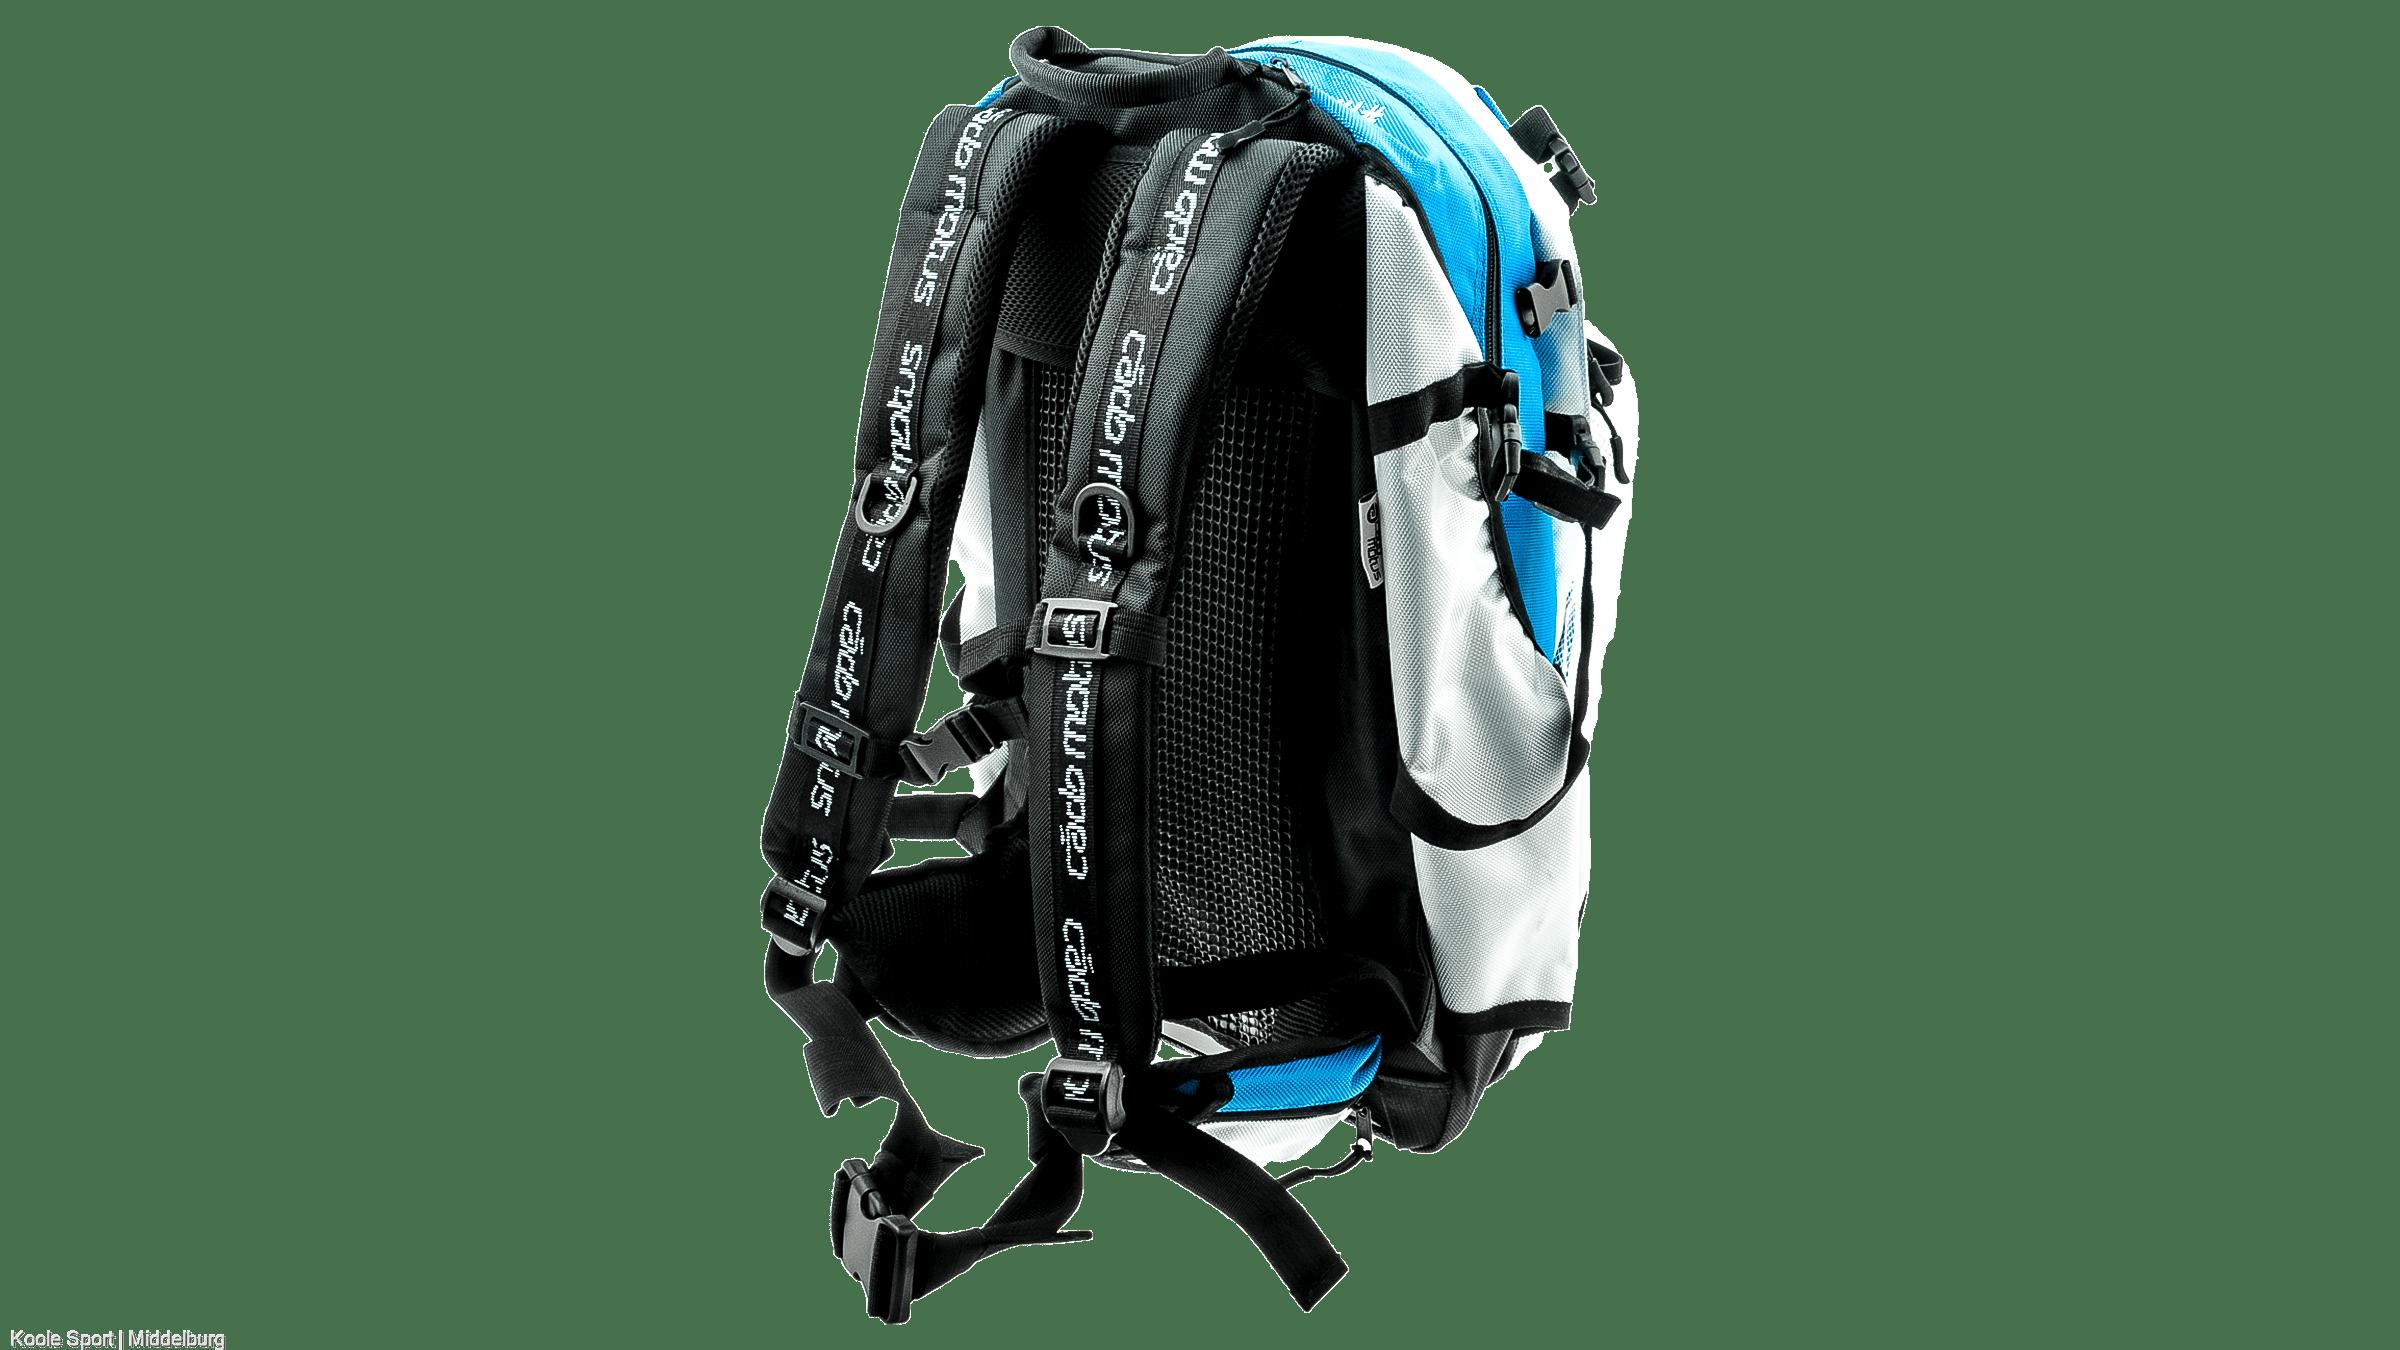 809ede02425 CadoMotus Airflow gear skate skeeler bag - olympia blue/white ...